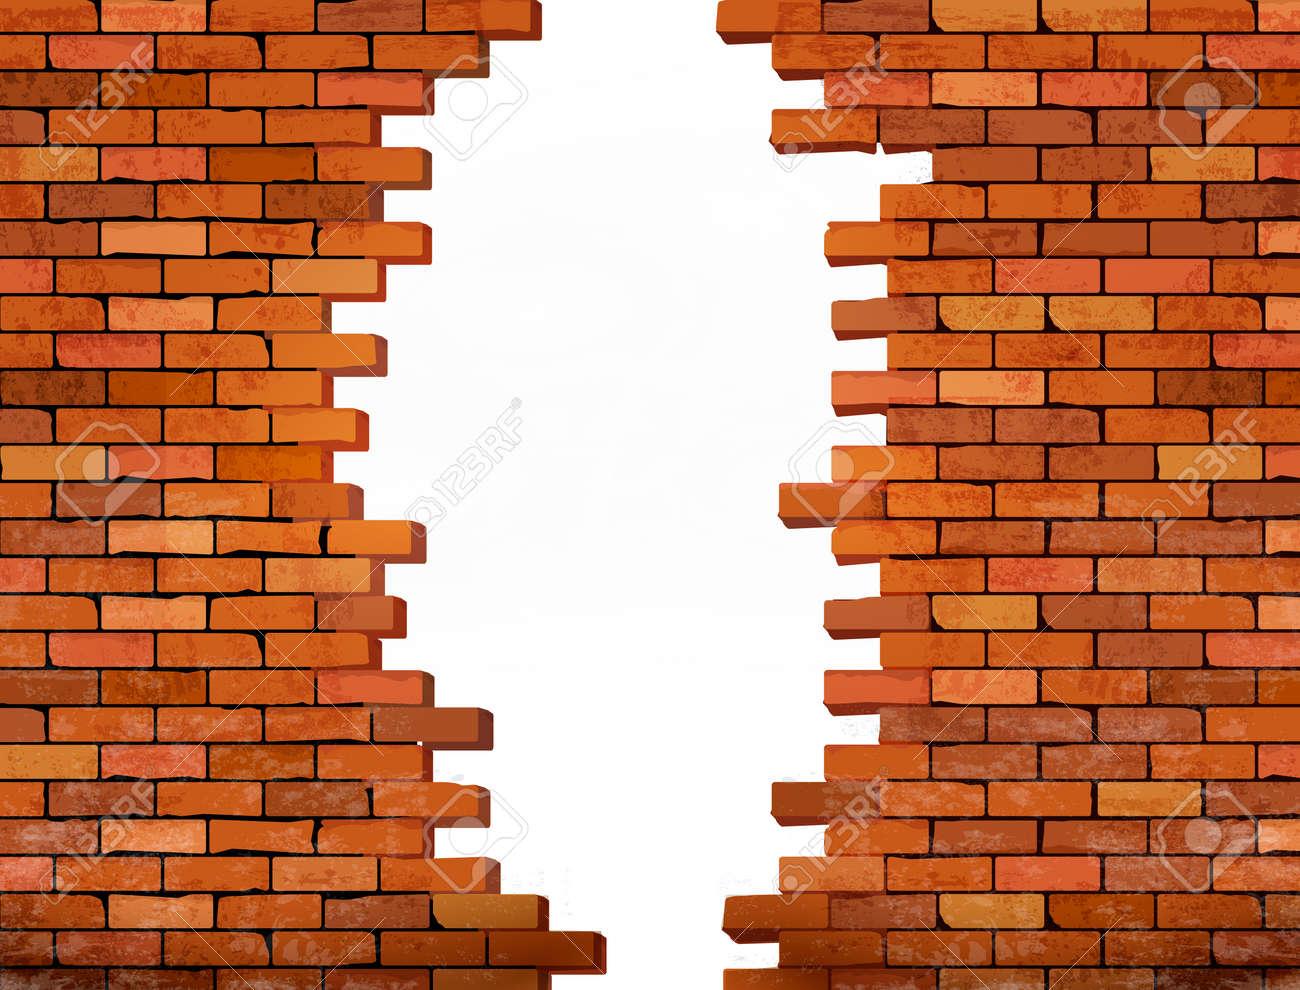 ヴィンテージのレンガの壁の穴と背景 ベクトルのイラスト素材 ベクタ